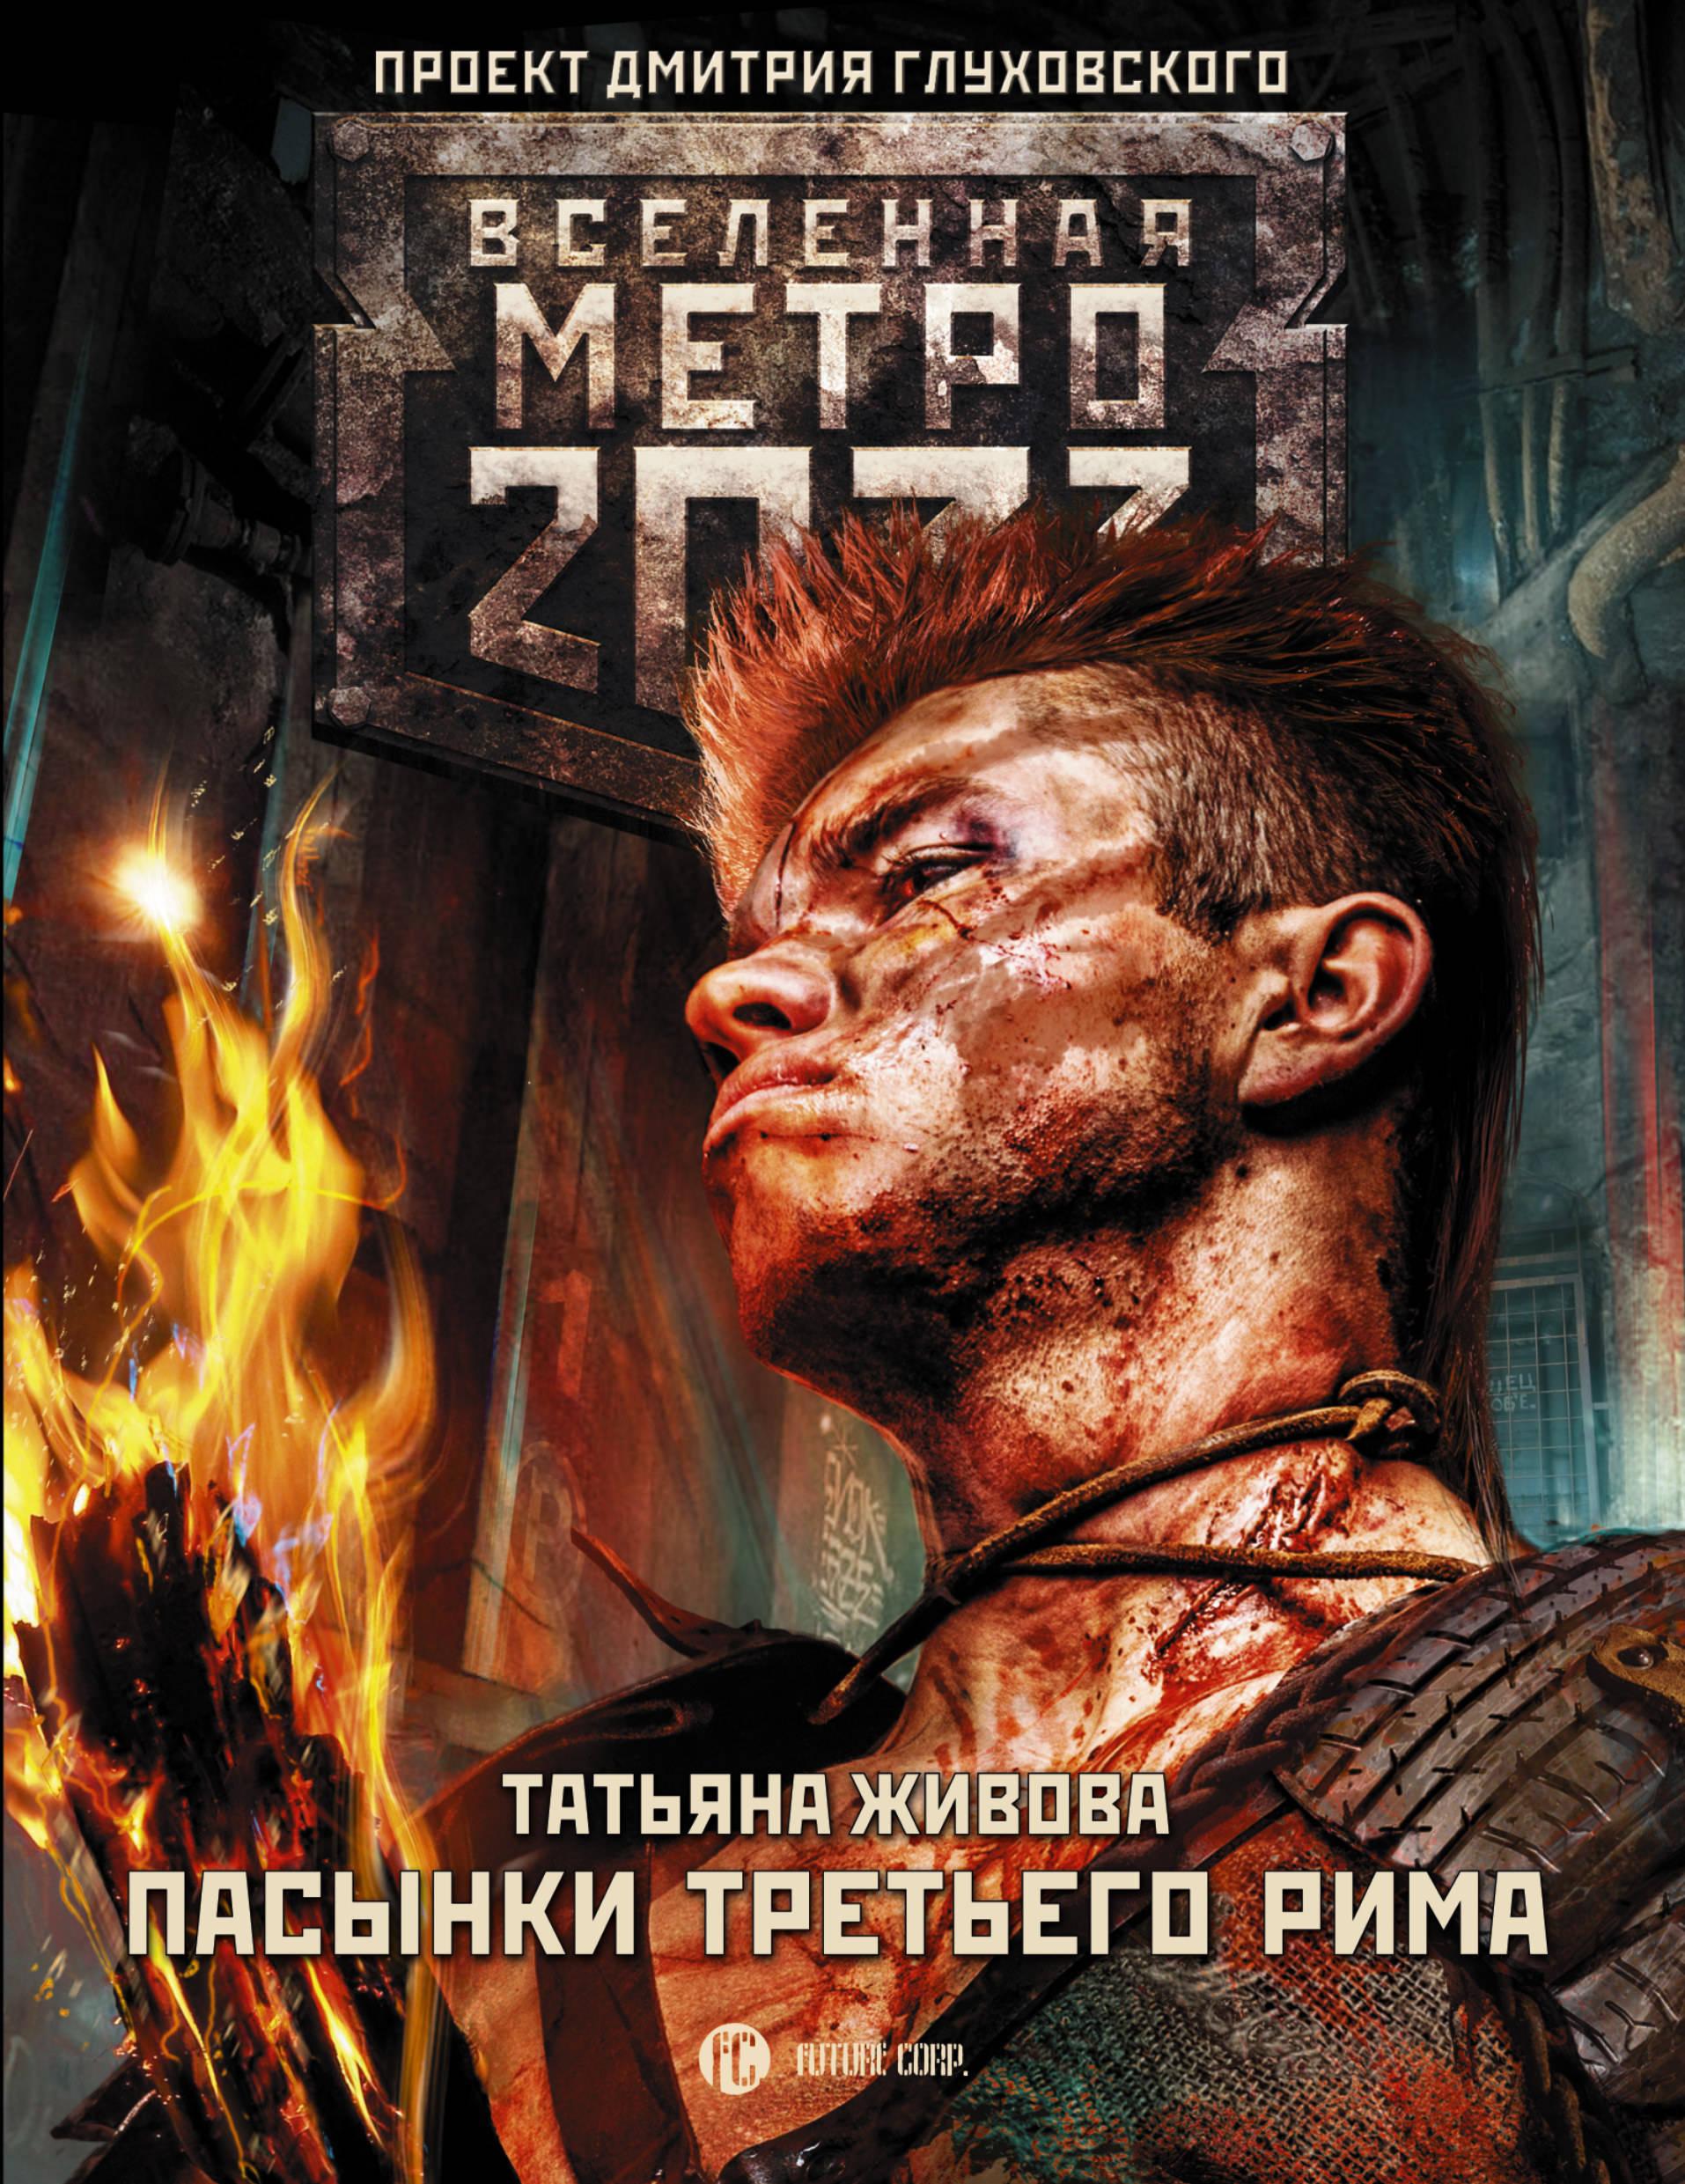 Метро 2033: Пасынки Третьего Рима ( Живова Татьяна Викторовна  )